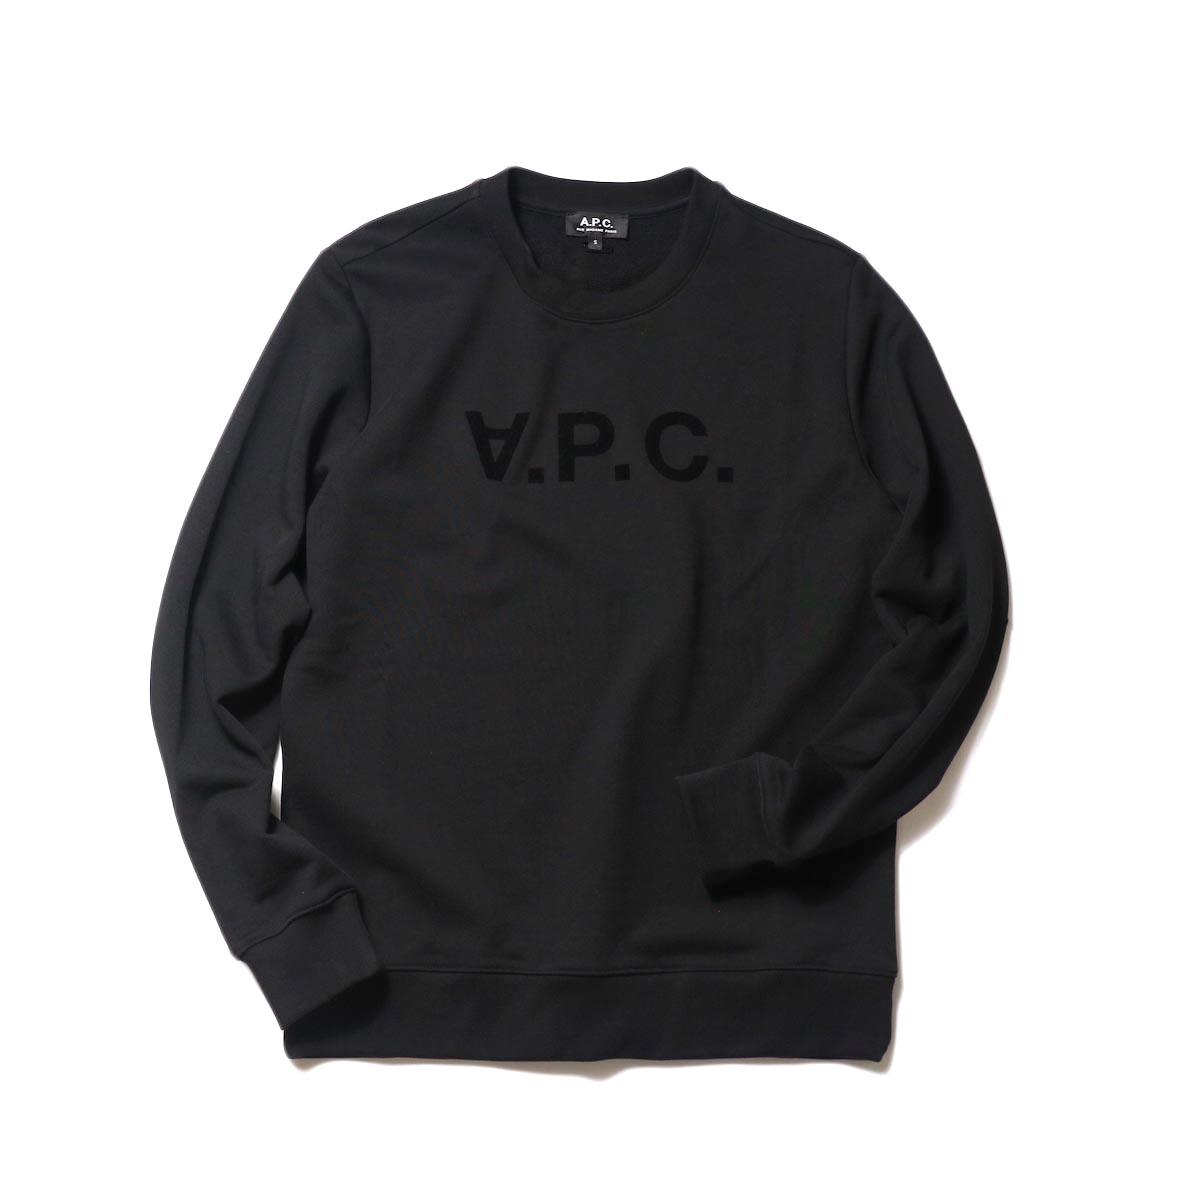 A.P.C. / VPC スウェットシャツ (black) 正面